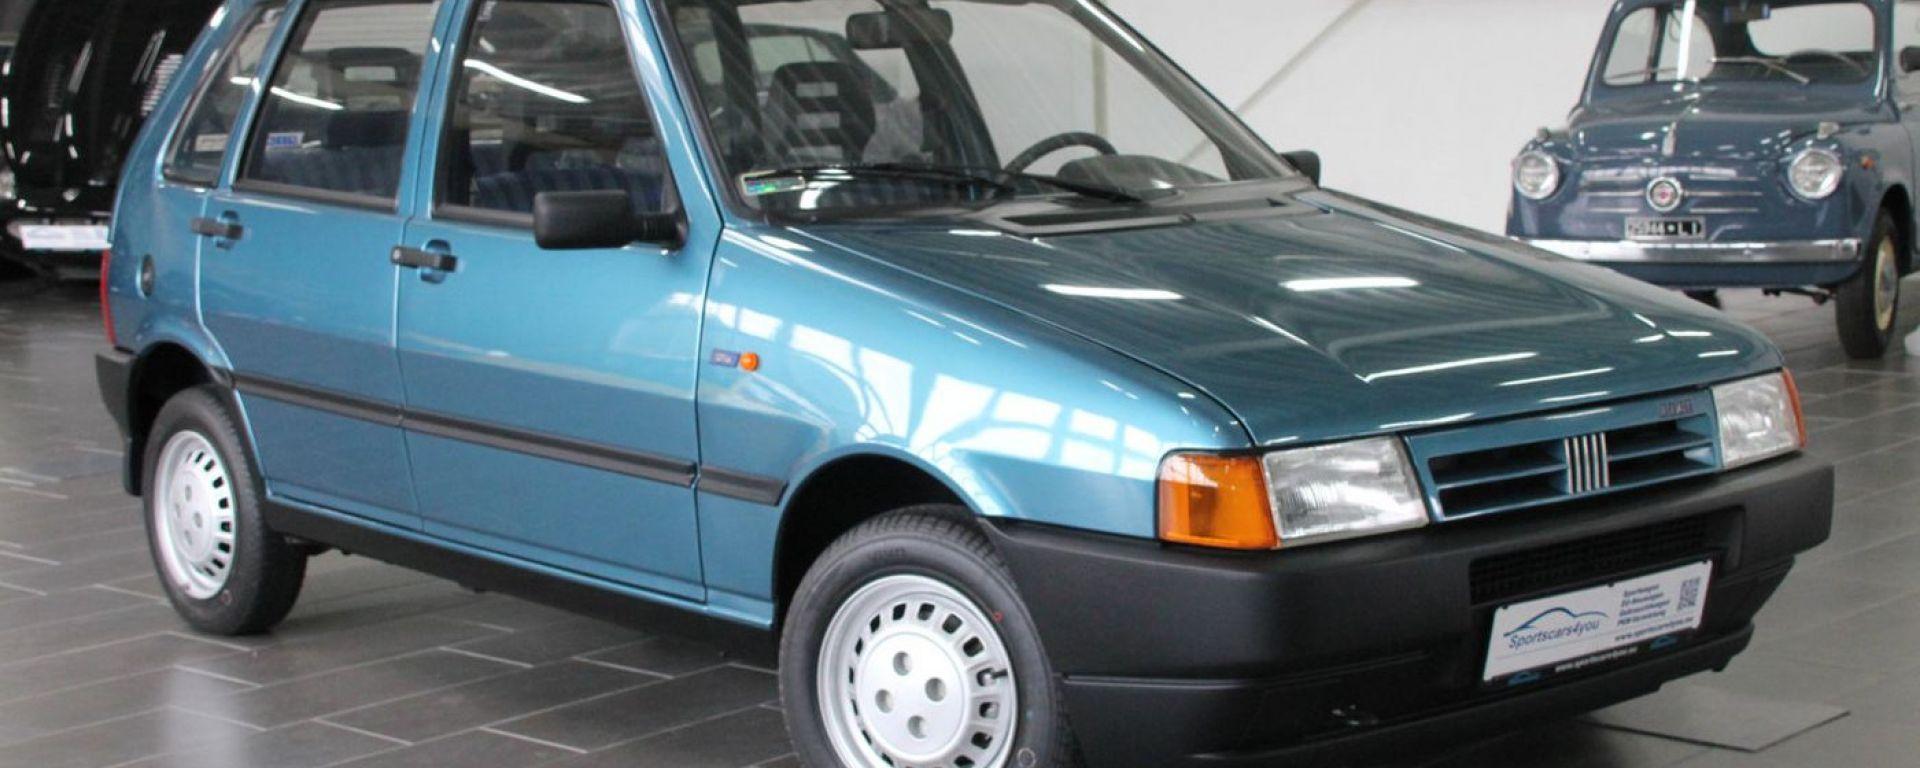 Fiat Uno Fire: è in vendita in Germania